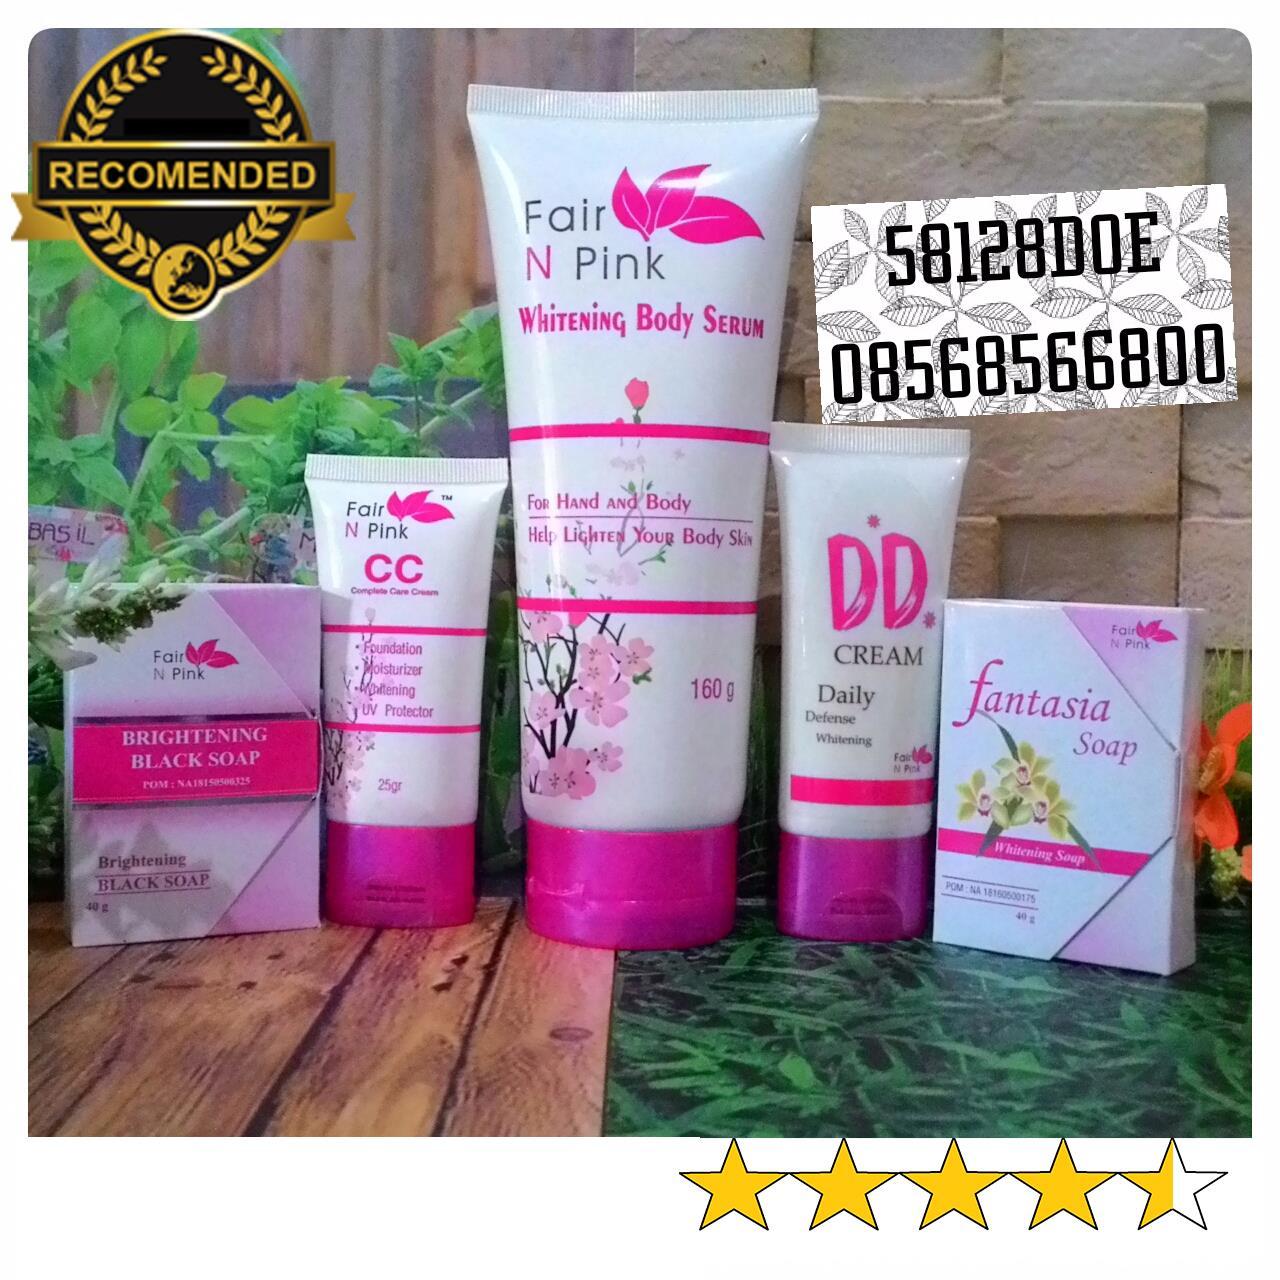 Jual Paket Perawatan Wajah Lengkap Fair N Pink Plus Dd Cream Serum Badan Body 160ml Khanza Pusat Kecantikan Tokopedia